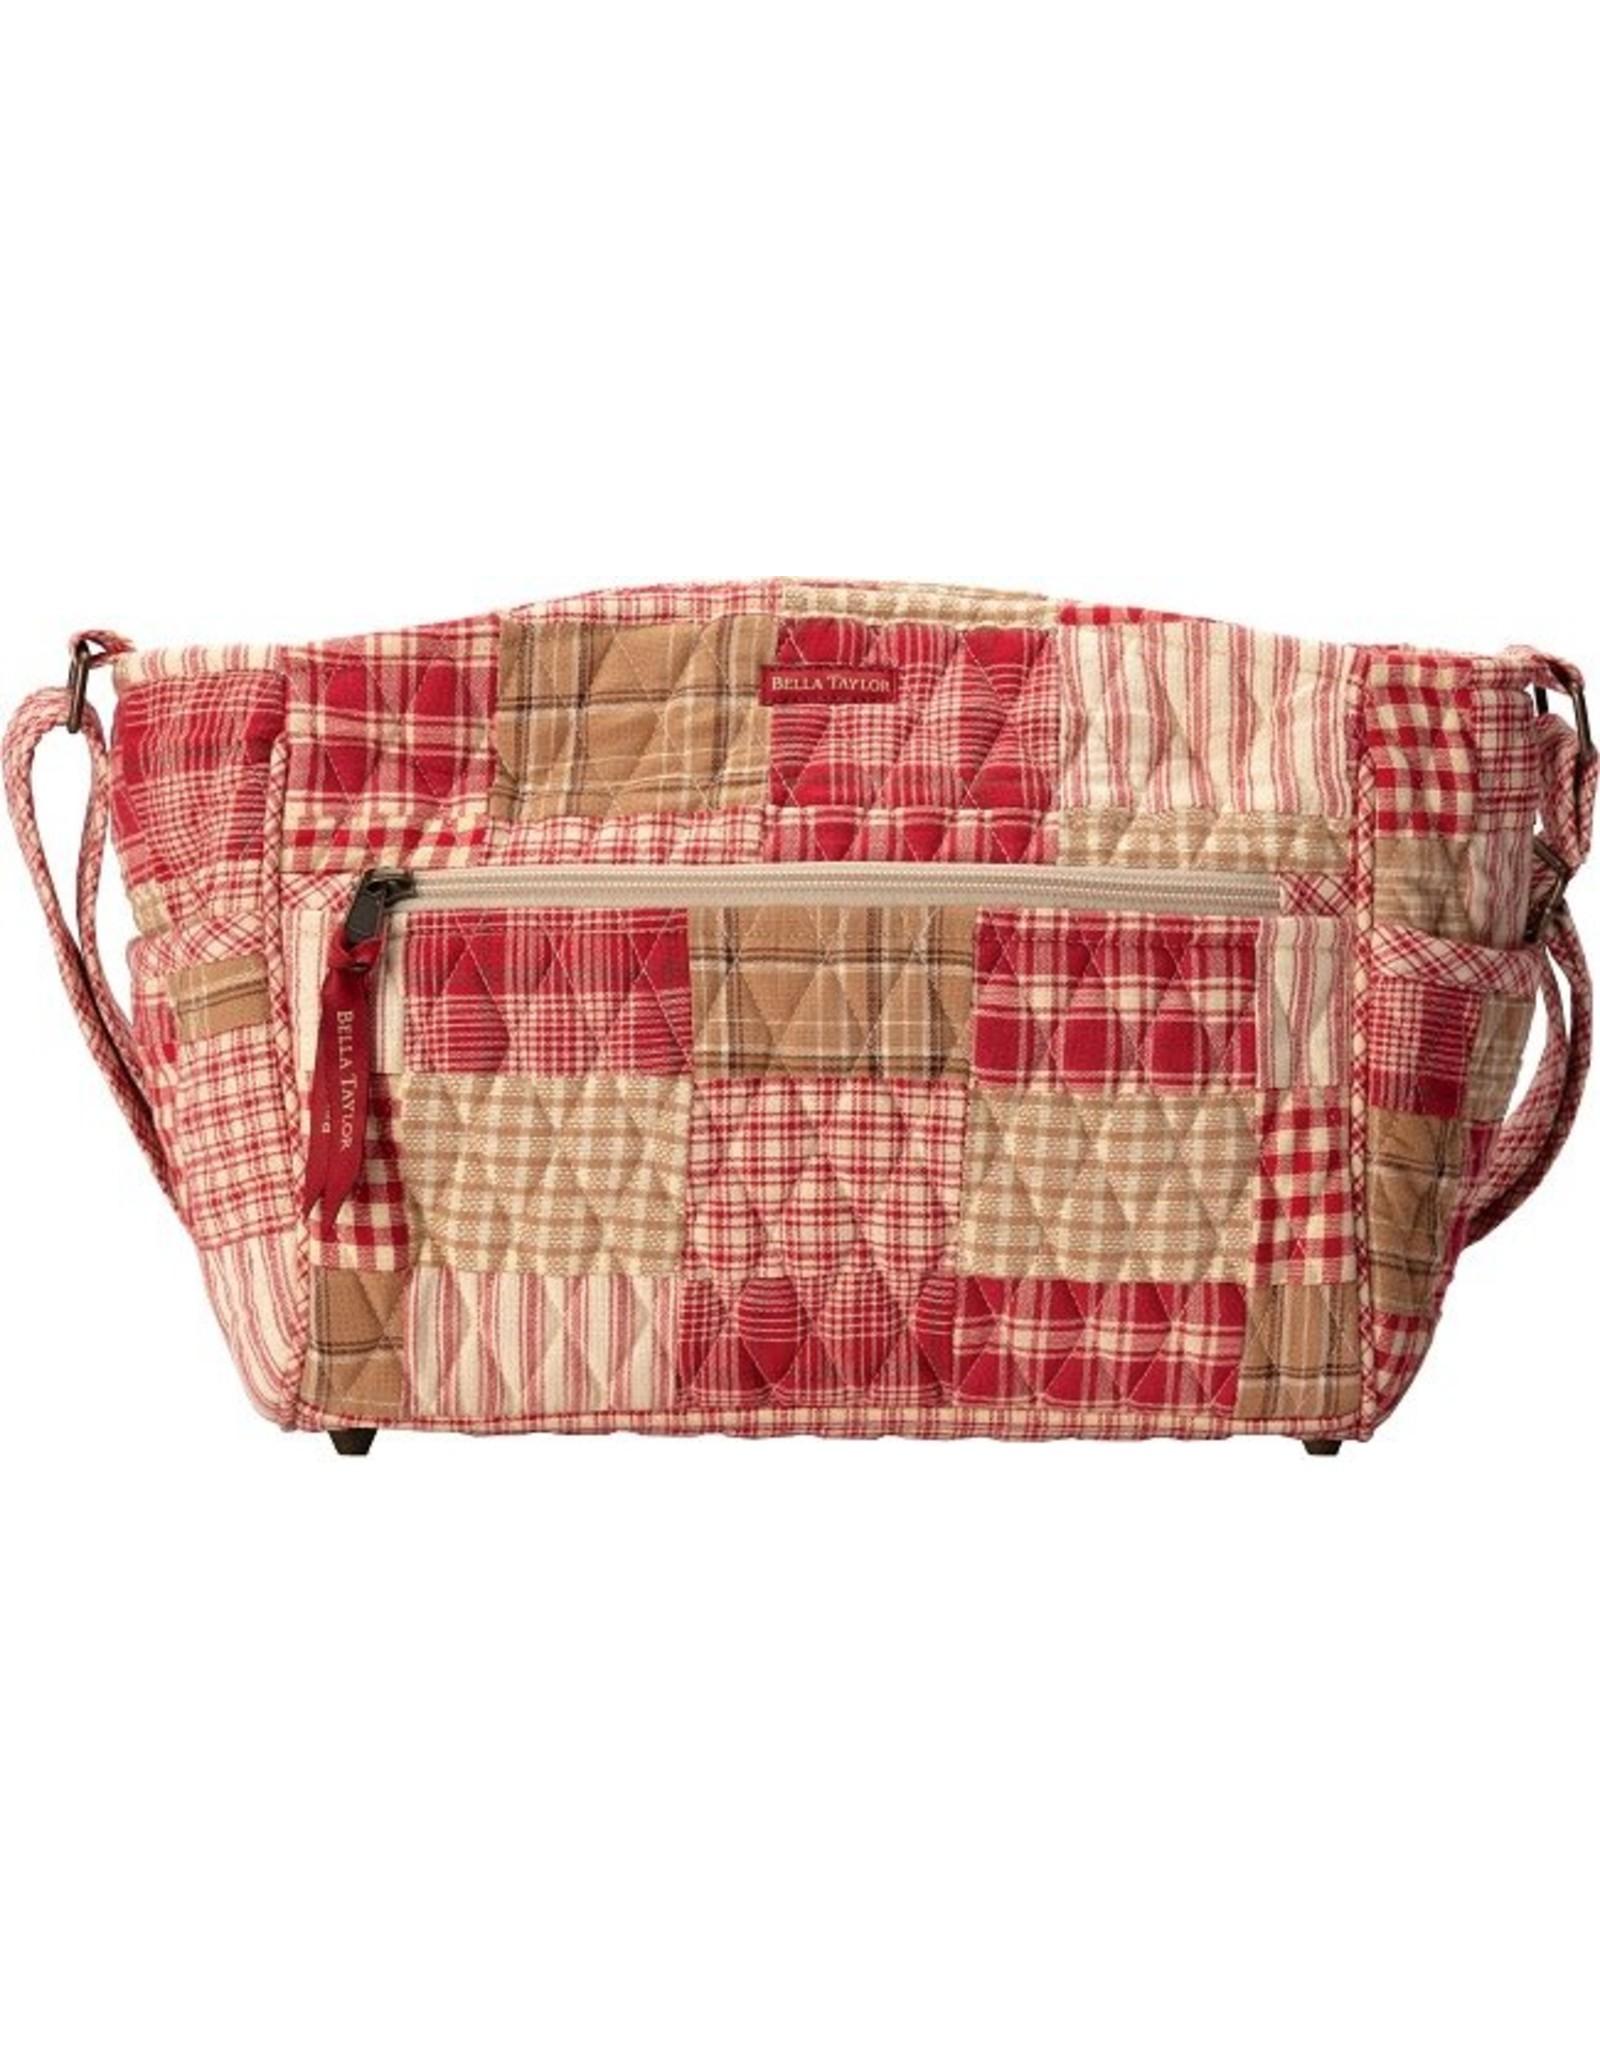 Bella Taylor Breckenridge - Claire handbag